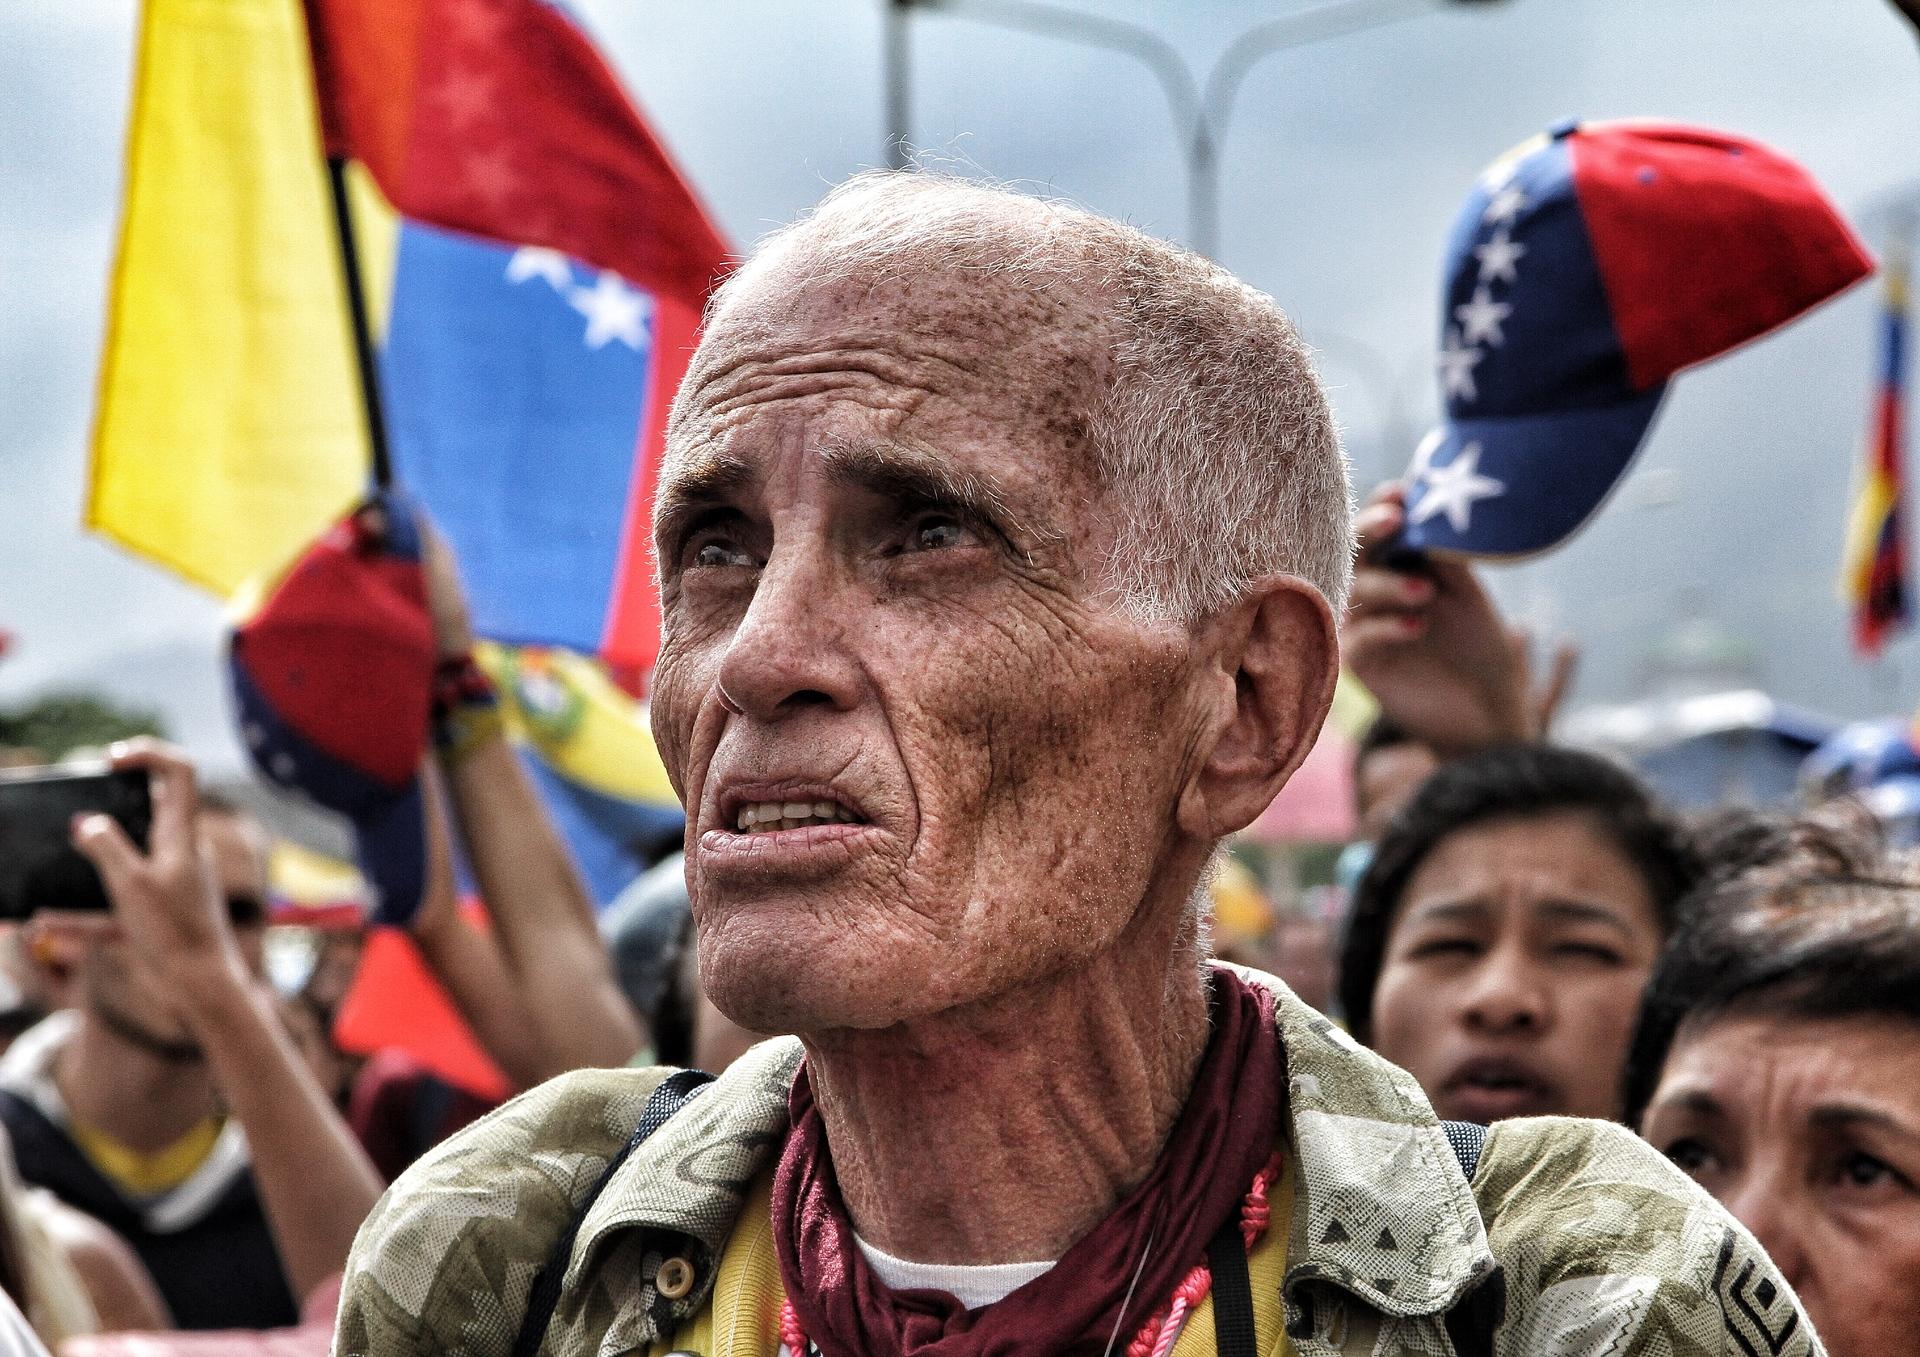 https://www.foap.com/photos/abuelo-en-resistencia-este-2017-en-caracas-venezuela-muchos-venezolanos-han-salido-a-protestar-por-la-crisis-que-vive-actualmente-en-el-pais-van-92-dias-de-protestas-contra-el-gobierno-de-nicolas-maduro-las-fuerzas-del-estado-han-dejado-decenas-de-5e869b91-a5b2-4f08-9035-2736d019f999